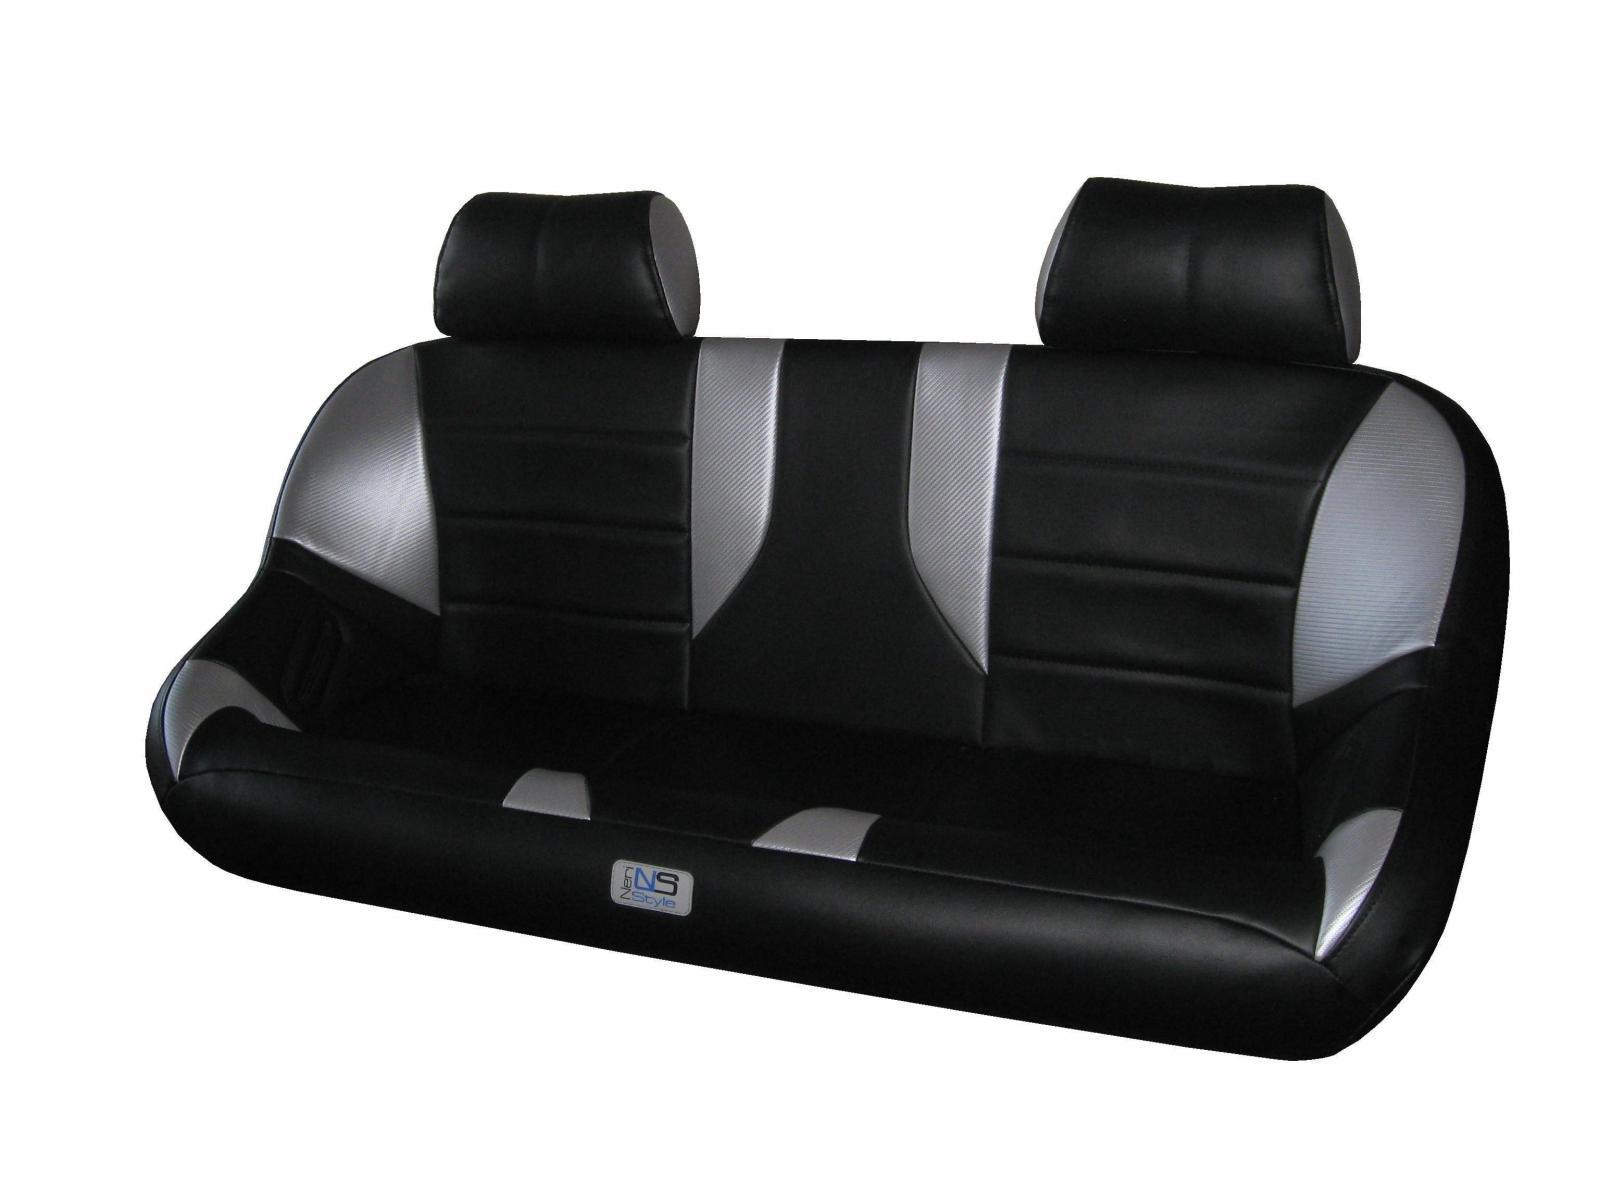 Ranger Bench 08 Adjustable Headrest.JPG